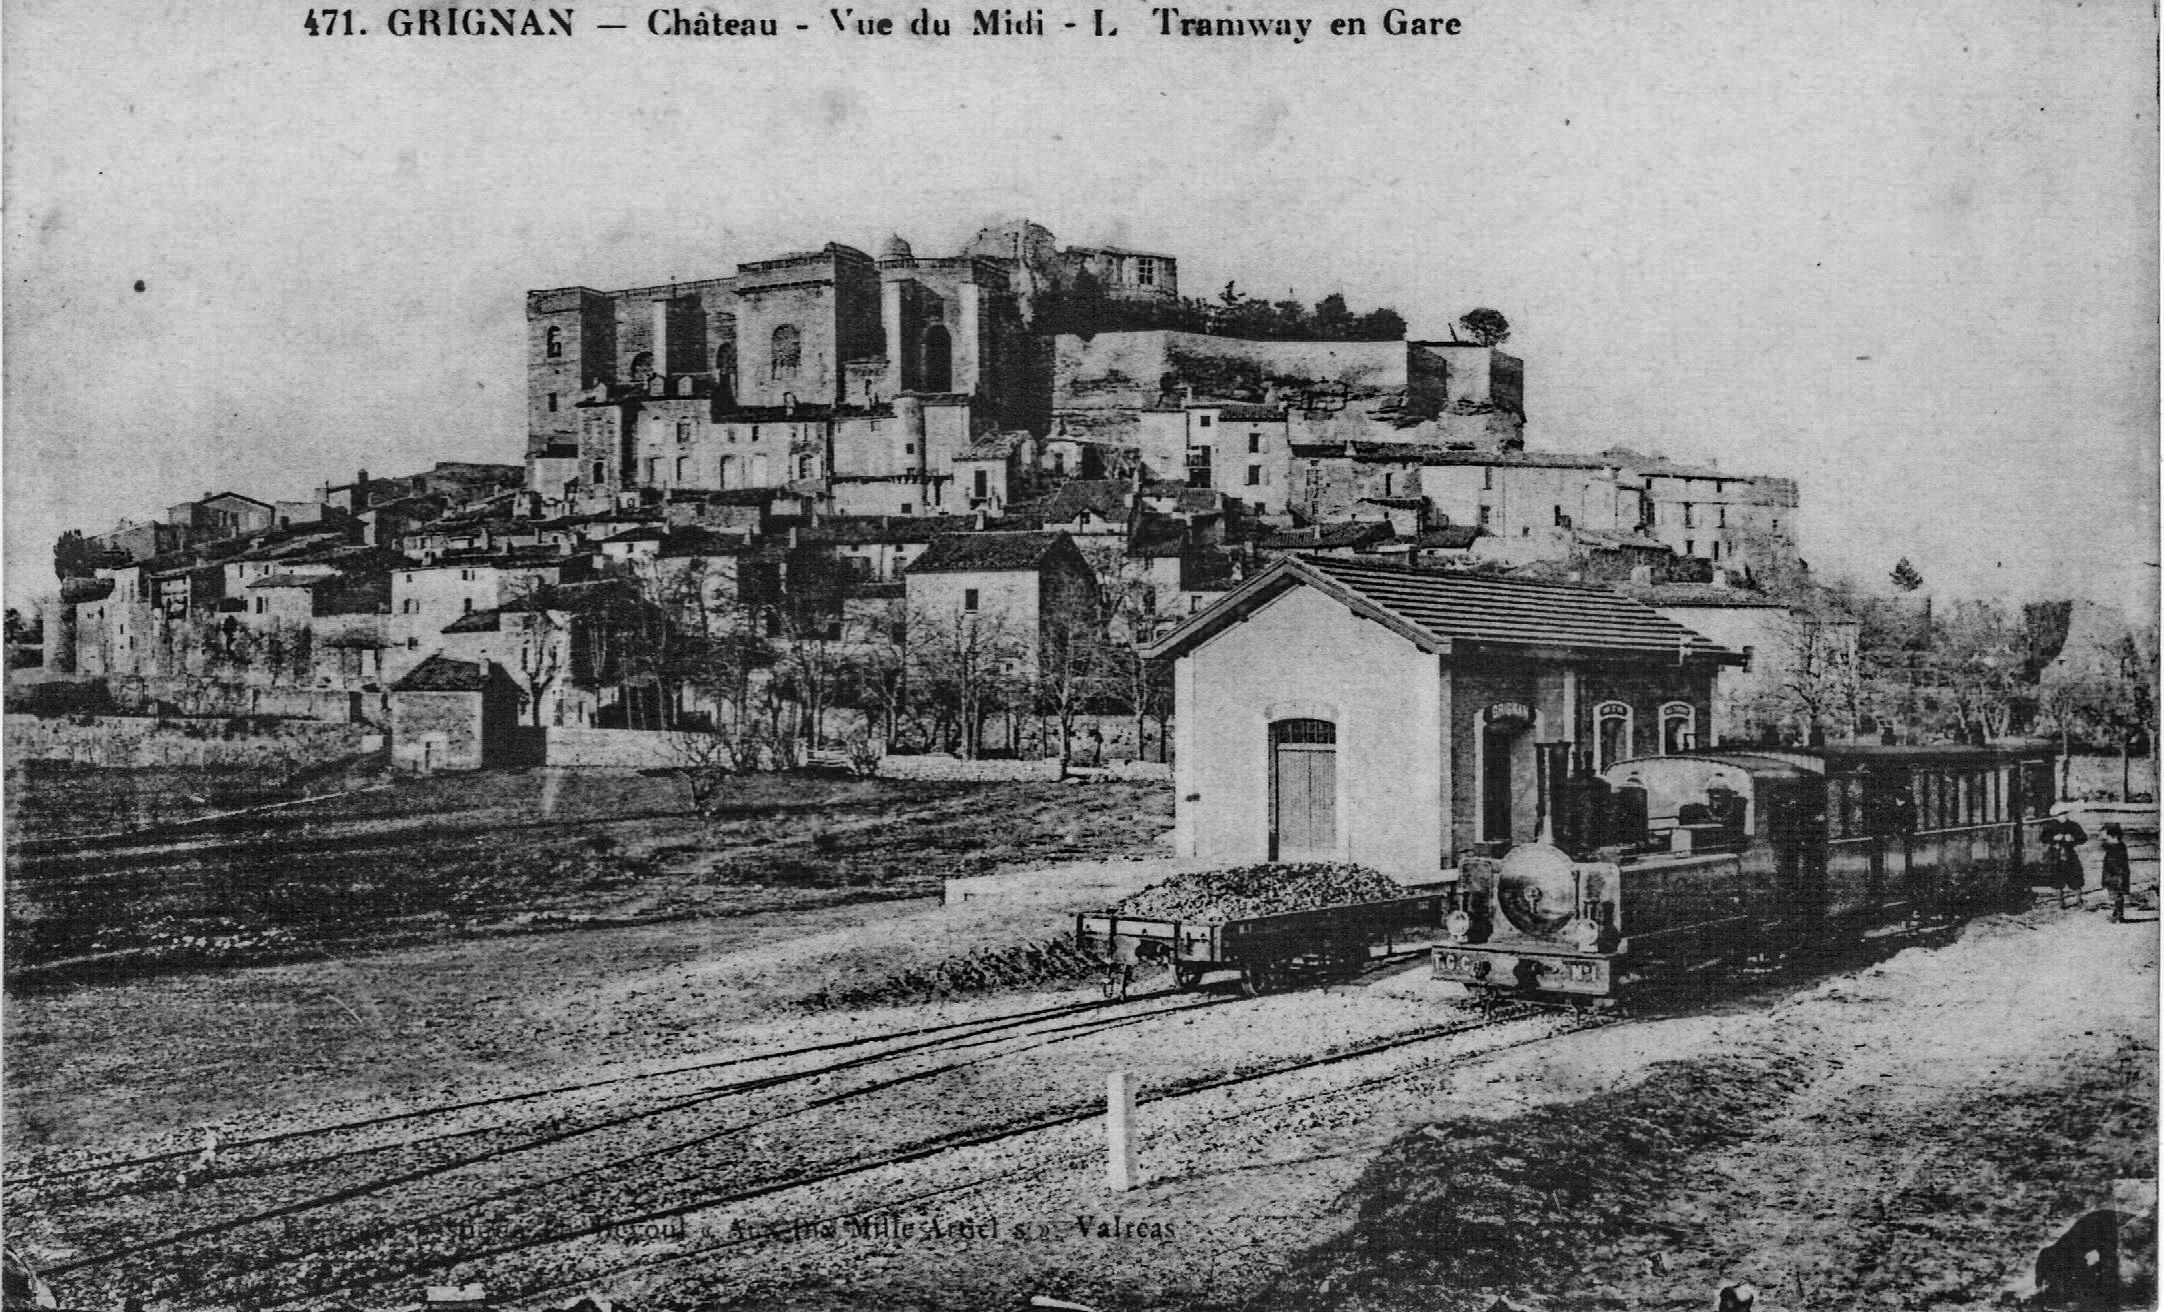 Villes et villages en cartes postales anciennes .. - Page 41 REVOUL_471_-_GRIGNAN_-_Chateau_-_Vue_du_Midi_-_L_-_Tramway_en_gare